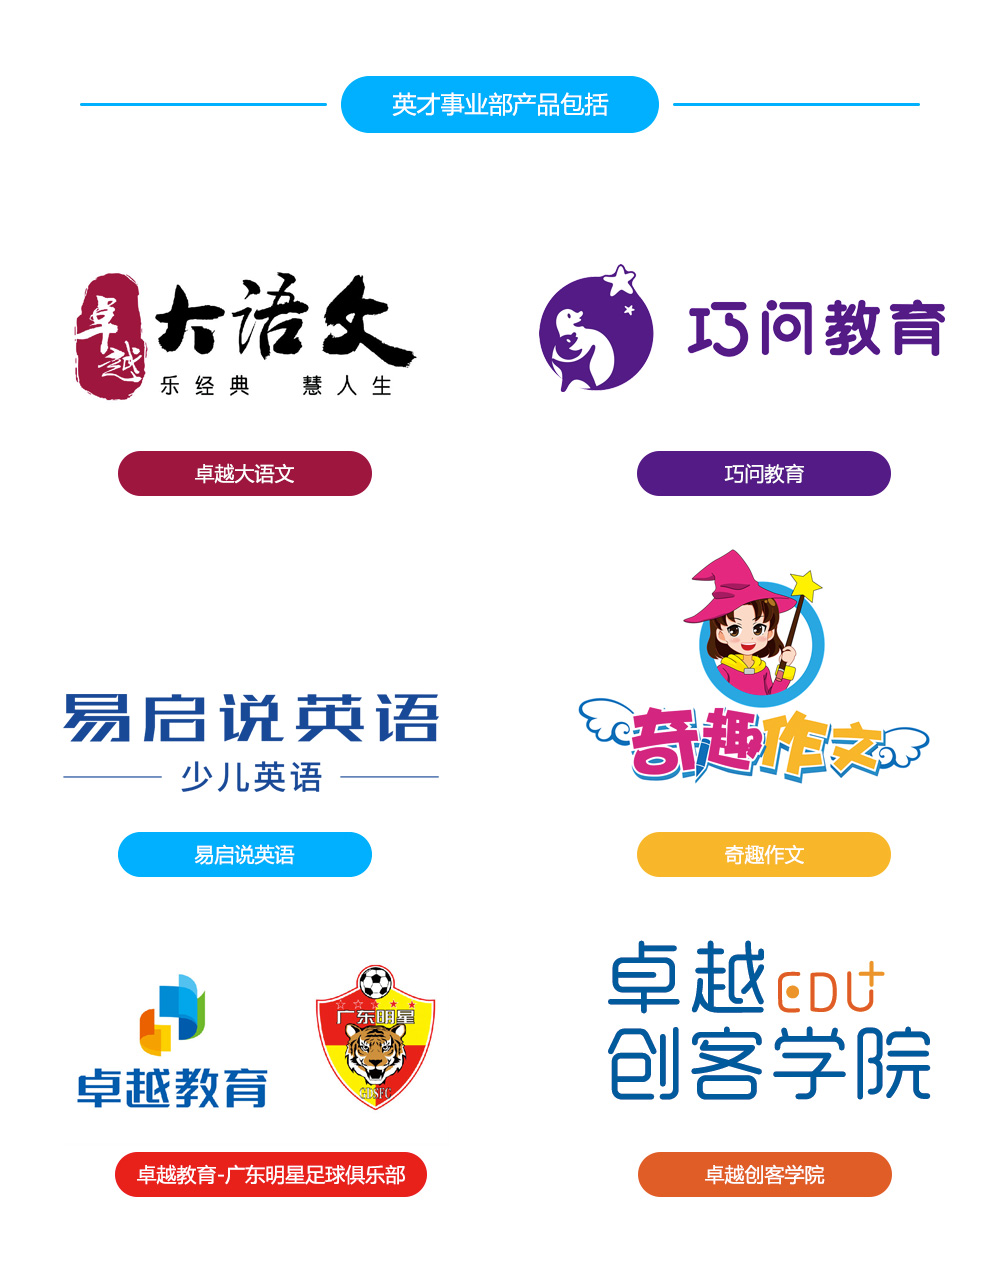 齐发娱乐|齐乐娱乐官方网站|齐乐娱乐官方网站_英才中(3).jpg